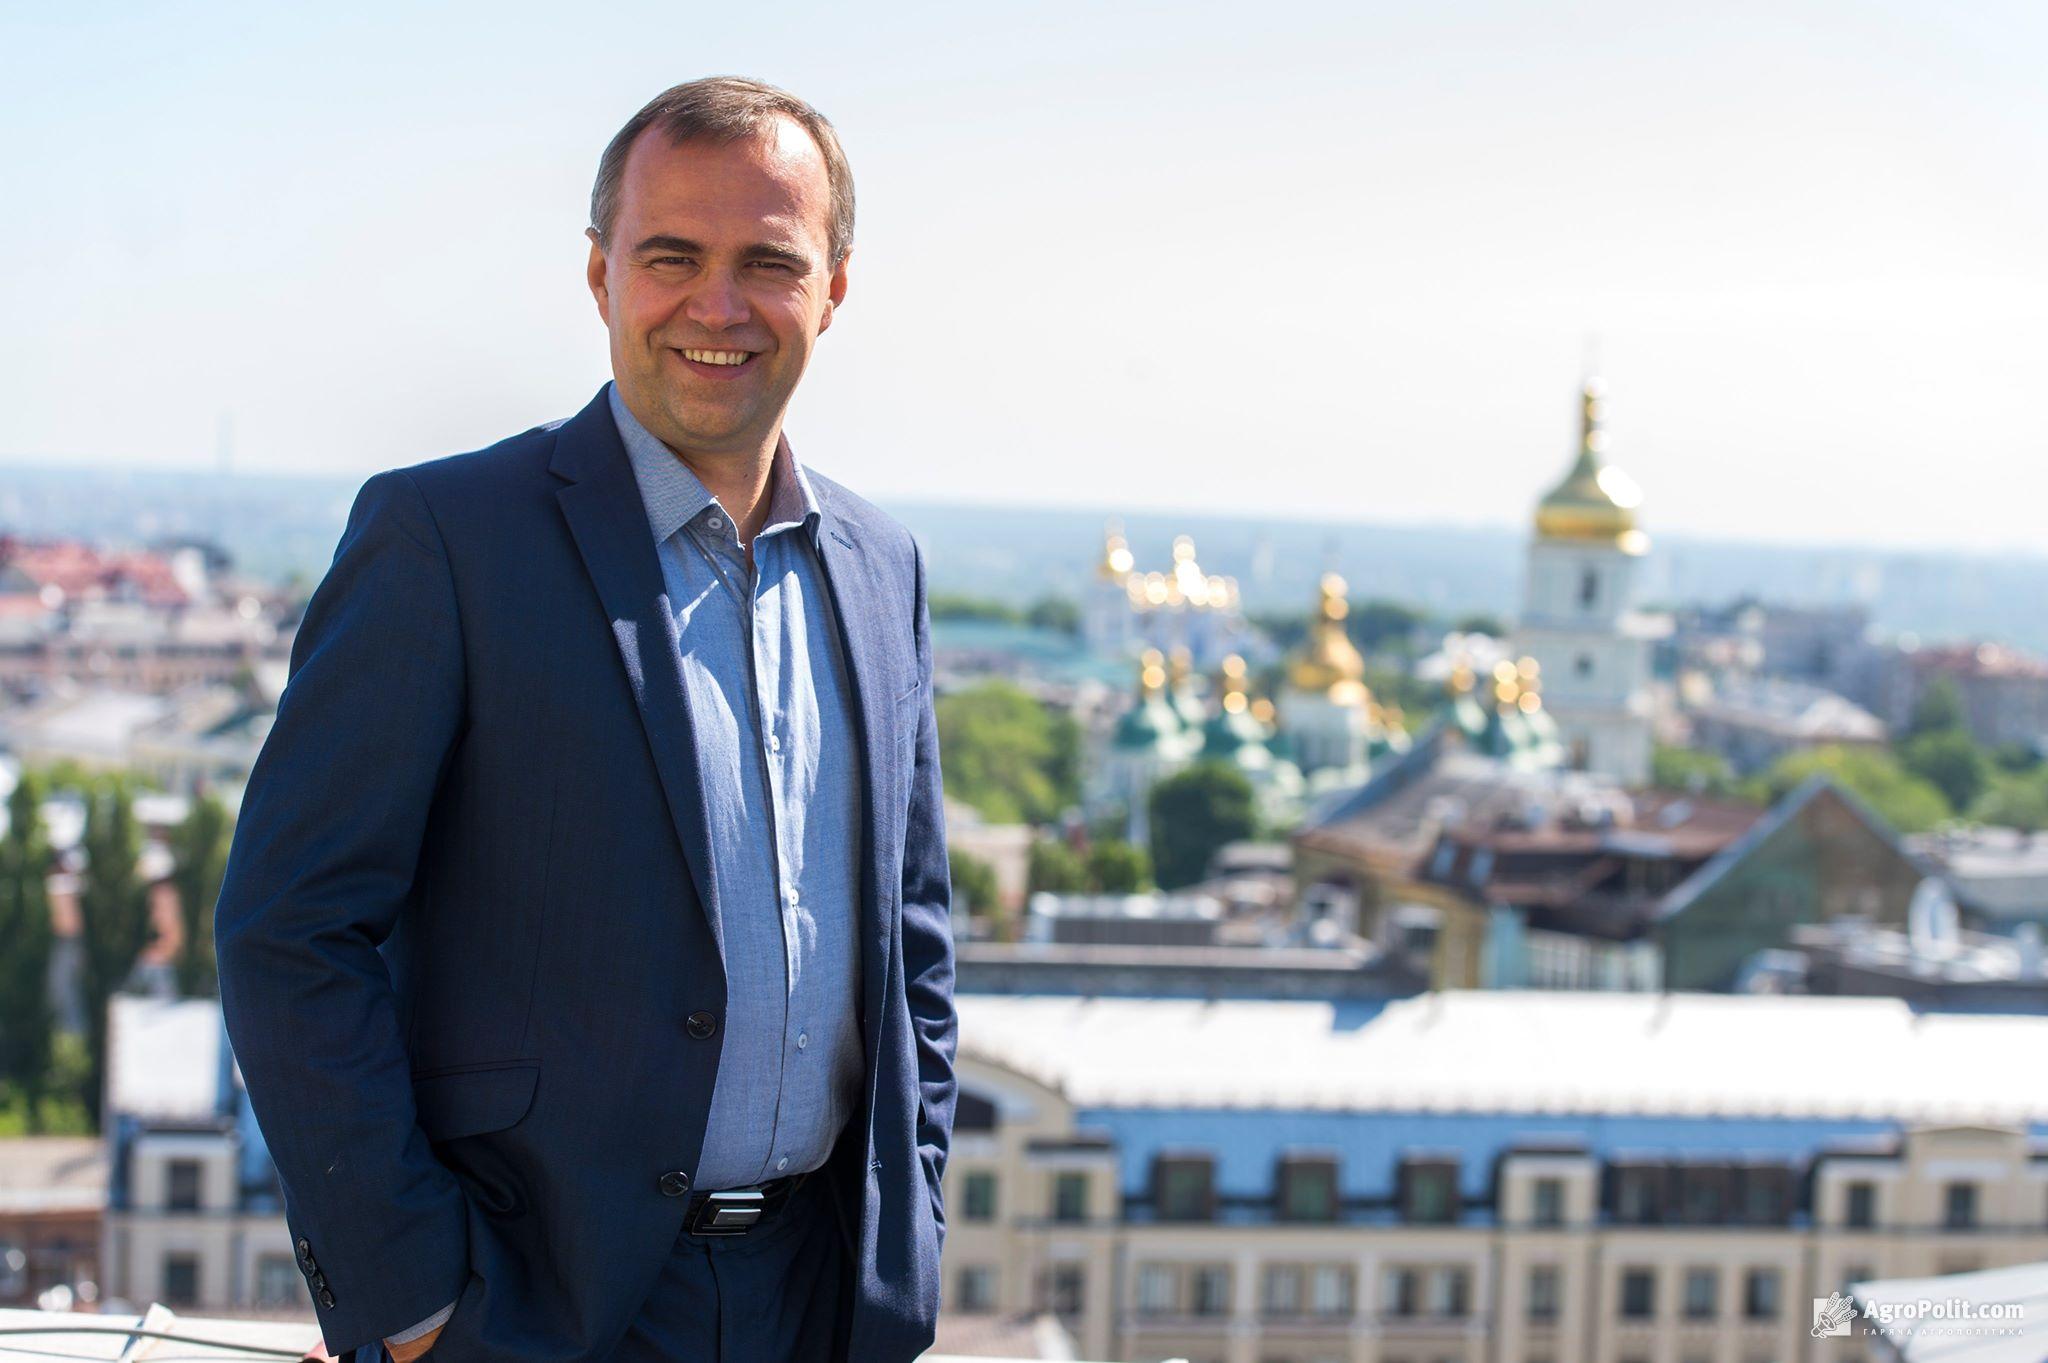 Каждый украинский экспортер рискует: почему национальную систему регулирования бизнеса нужно менять уже сегодня?